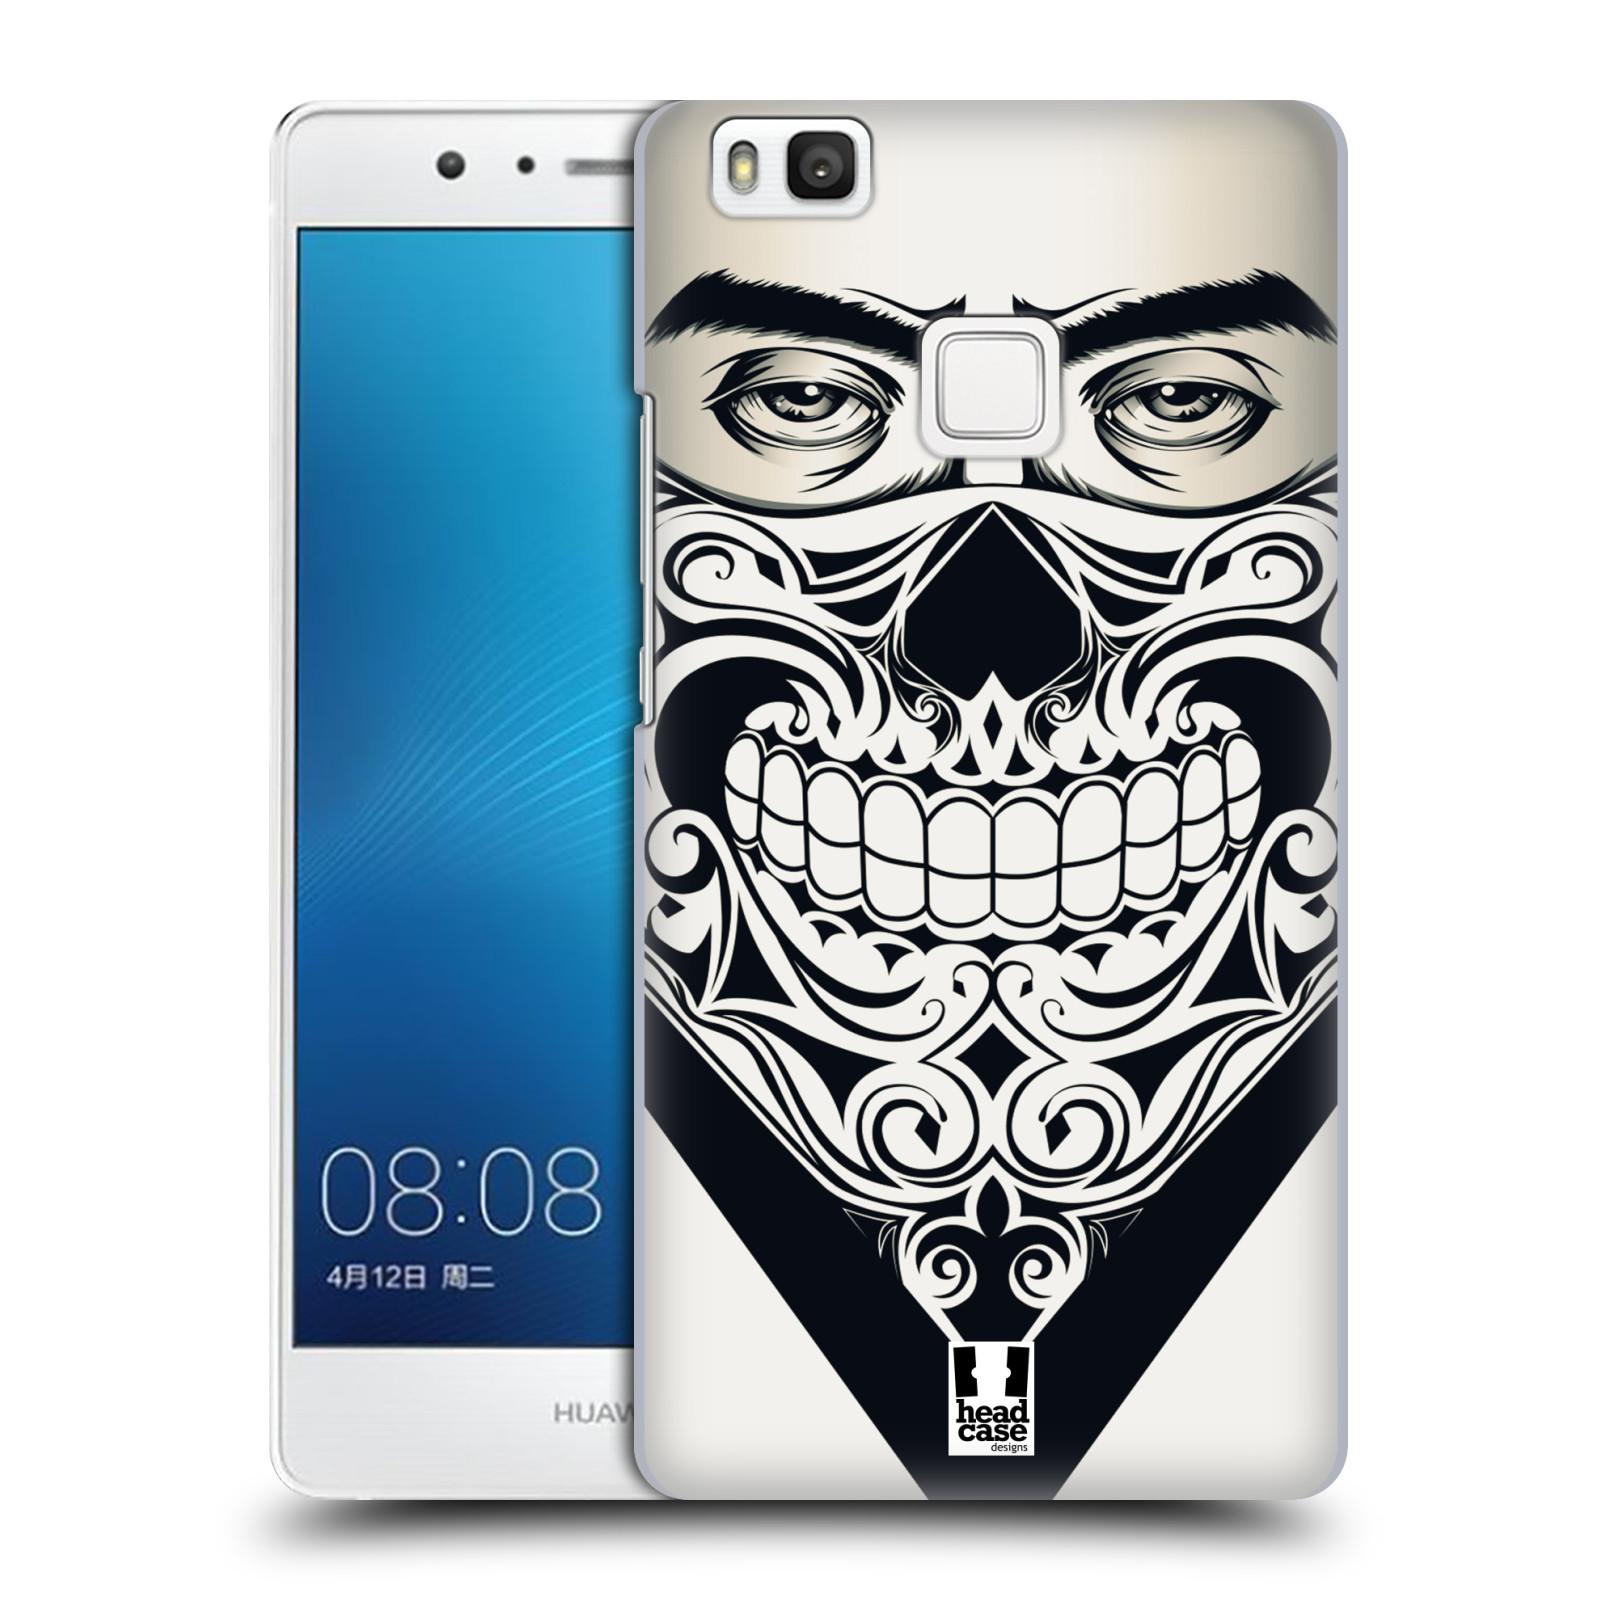 Plastové pouzdro na mobil Huawei P9 Lite HEAD CASE LEBKA BANDANA